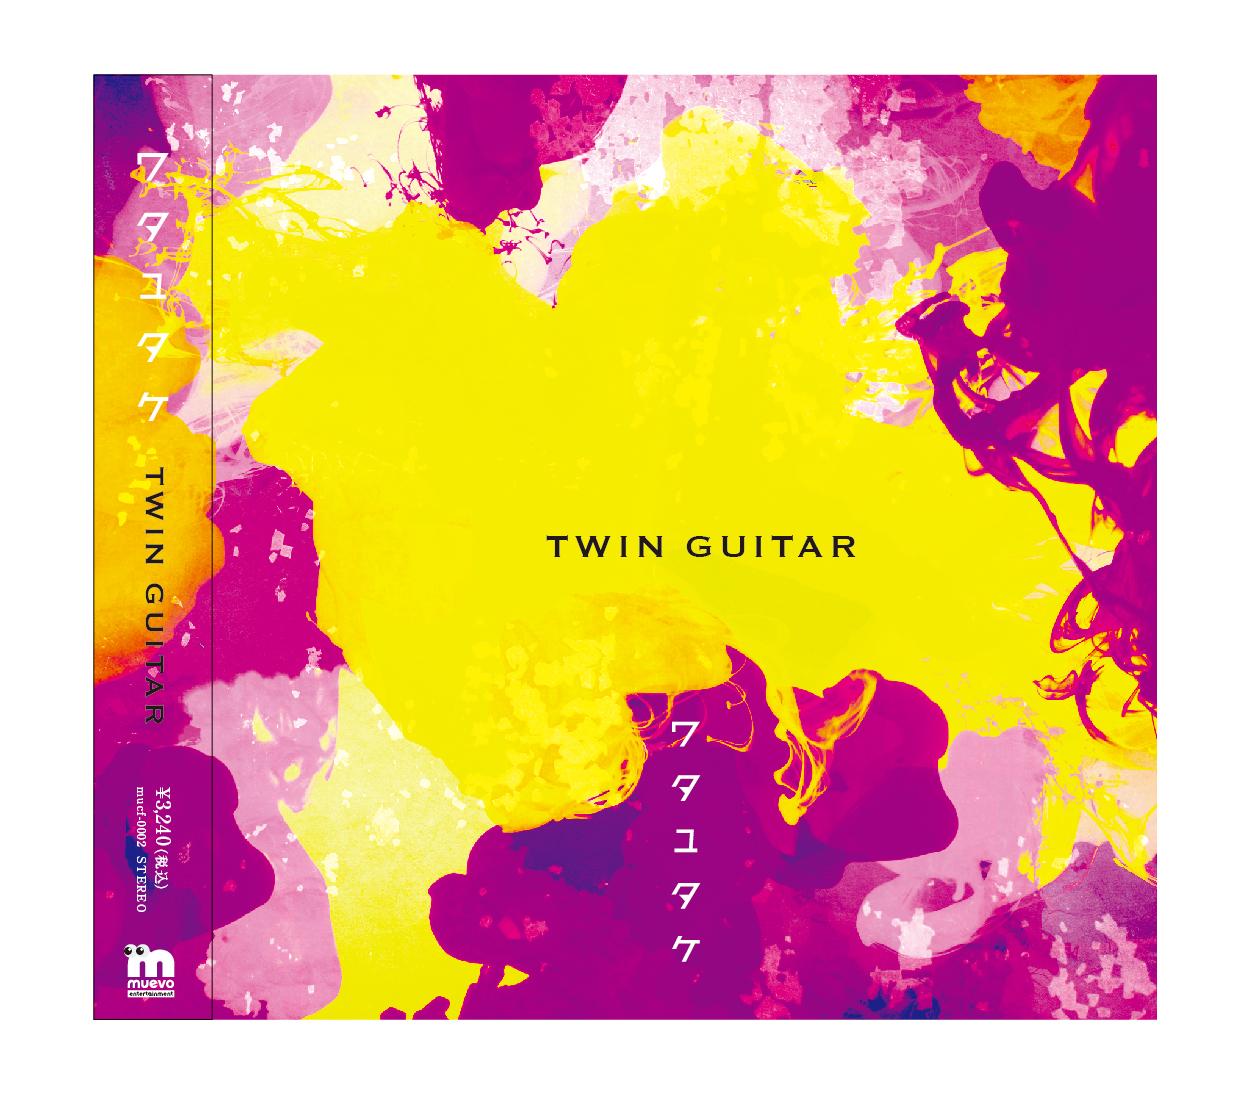 【ワタユタケCD『TWIN GUITAR』プラン】